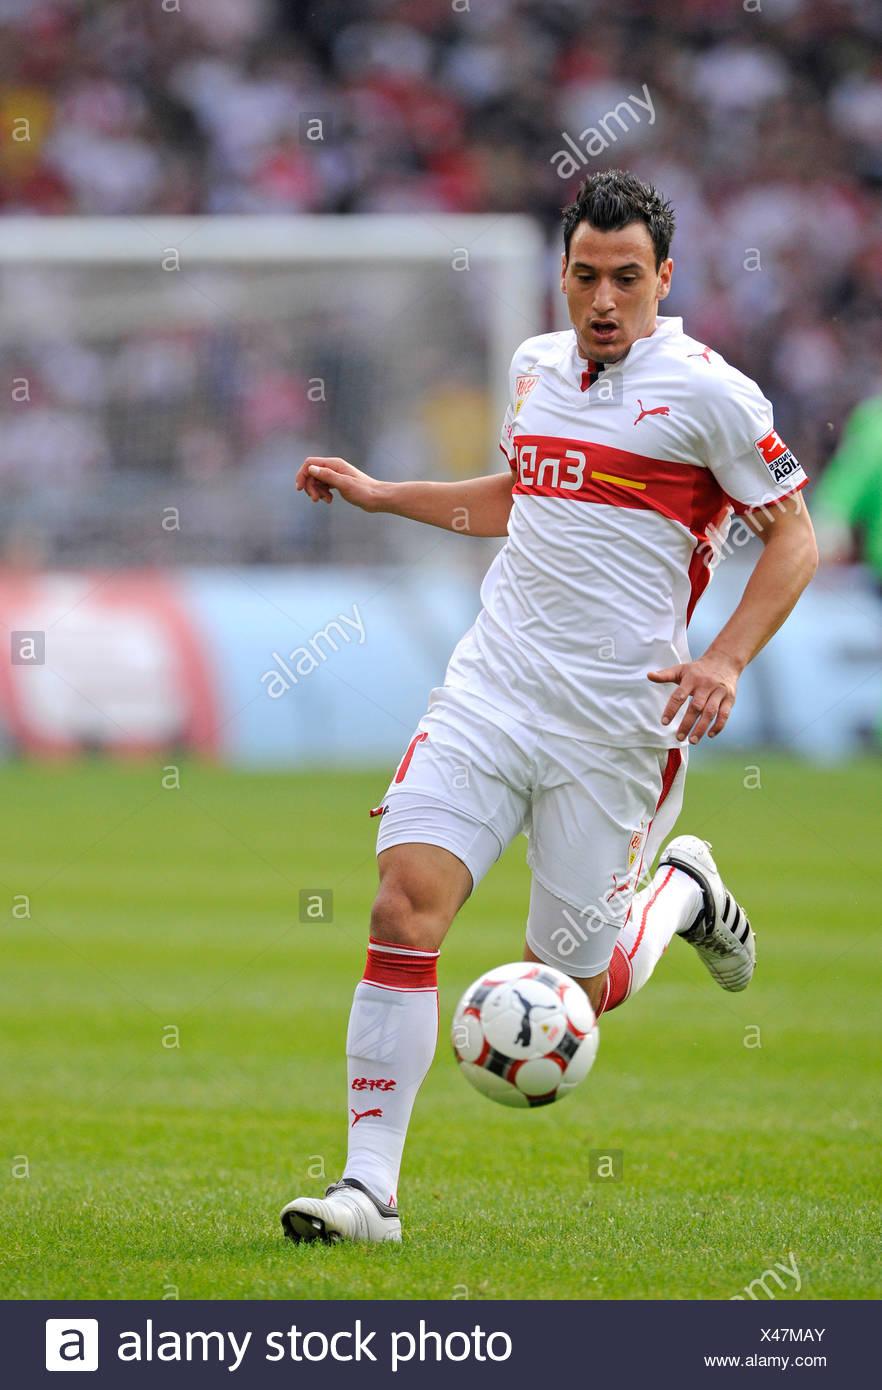 Stuttgart Fußballspieler